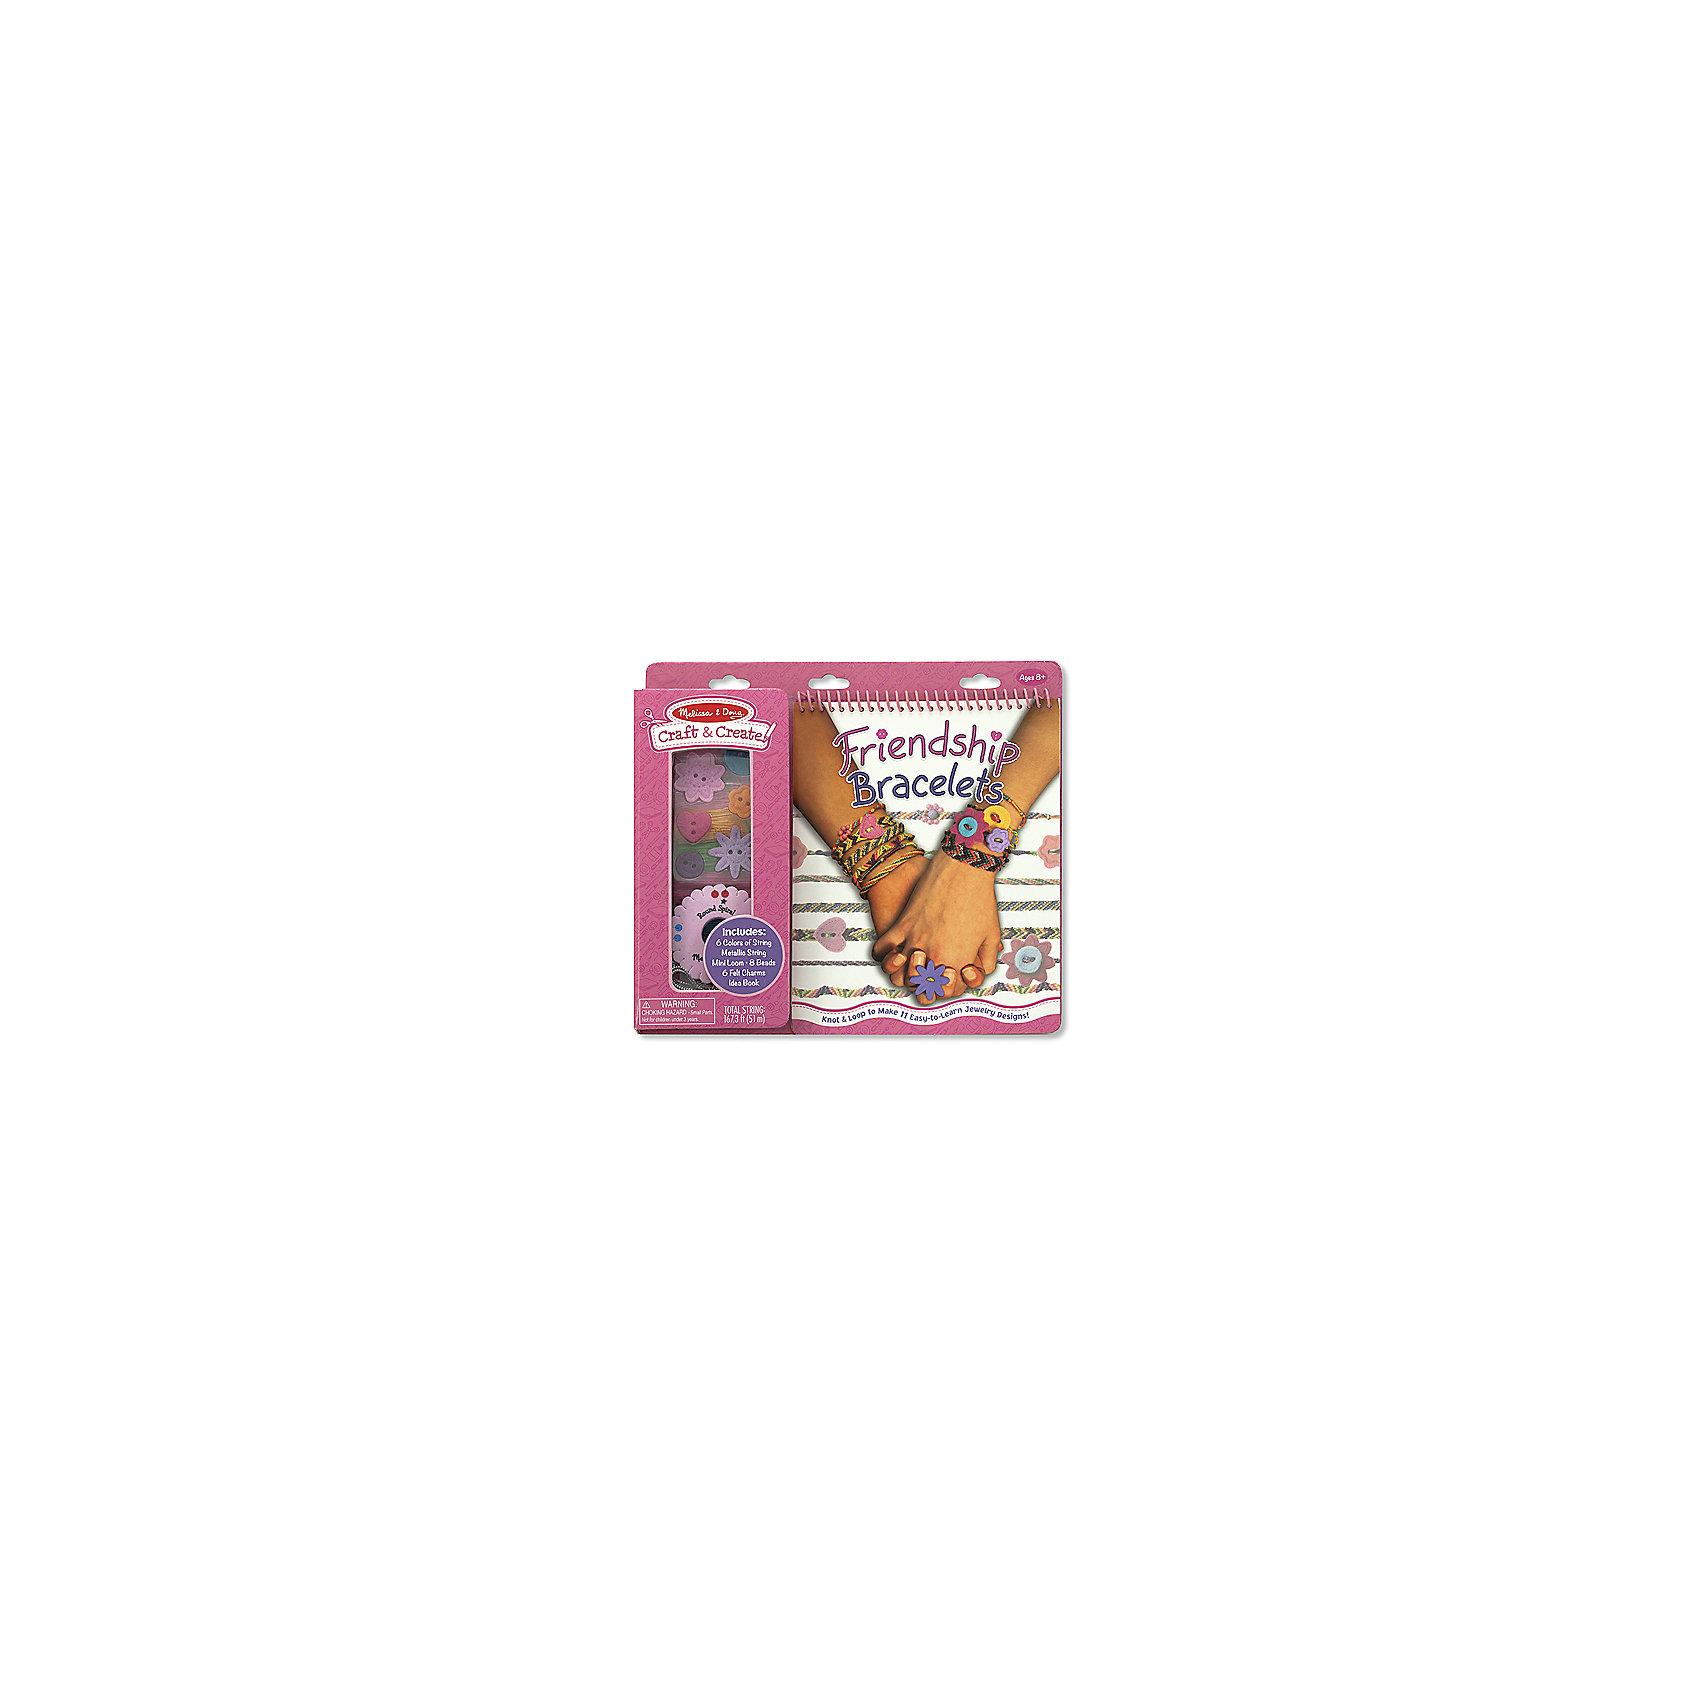 Набор для создания браслетовС помощью этого Набора для создания браслетов Ваш ребенок сможет сплести более 10 оригинальных браслетов-феничек. Создайте свой браслет дружбы для себя и подружек одним из 11 описанных в книжке-инструкции способов!<br><br>Комплектация: 6 цветных мотков ниток, 1 моток серебристой нитки, 8 бусин, тряпичные пуговицы, диск для плетения, книжка-инструкция<br><br>Дополнительная информация:<br>-Размер упаковки: 26х3х23 см<br>-Материалы: дерево, пластик<br>-Вес в упаковке: 227 г<br><br>Замечательный набор станет прекрасным подарком для девочки, ведь она сможет проявить свои творческие способности и создать более 10 уникальных браслетов для себя и своих подружек!<br><br>Набор для создания браслетов можно купить в нашем магазине.<br><br>Ширина мм: 260<br>Глубина мм: 30<br>Высота мм: 230<br>Вес г: 227<br>Возраст от месяцев: 96<br>Возраст до месяцев: 144<br>Пол: Женский<br>Возраст: Детский<br>SKU: 4216556